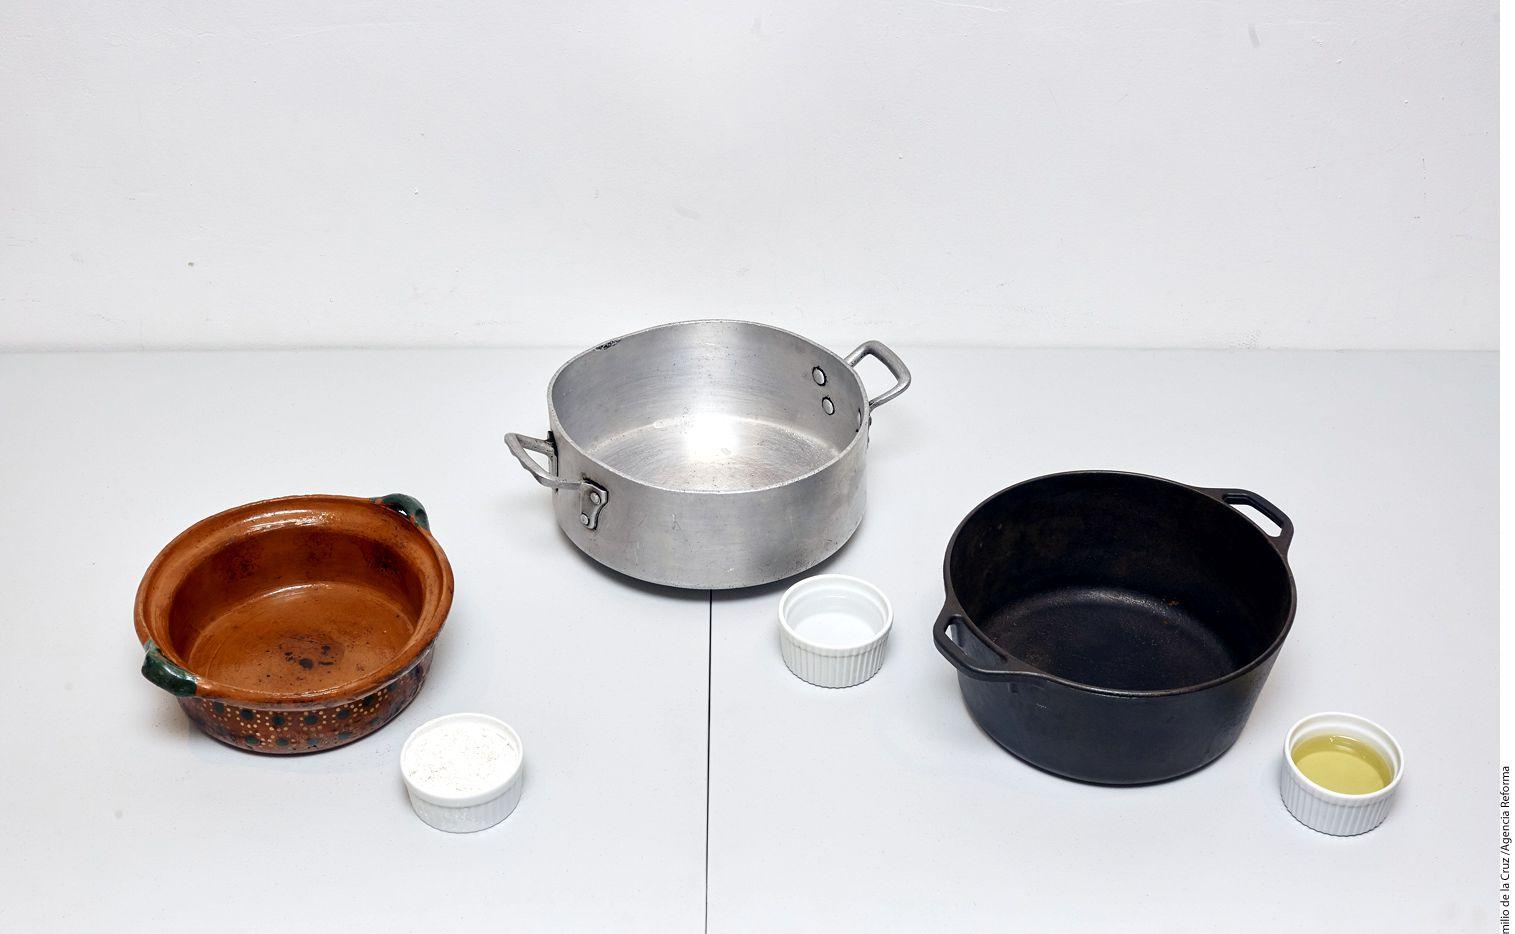 La manera tradicional de curar una olla de barro es con agua y cal./ AGENCIA REFORMA